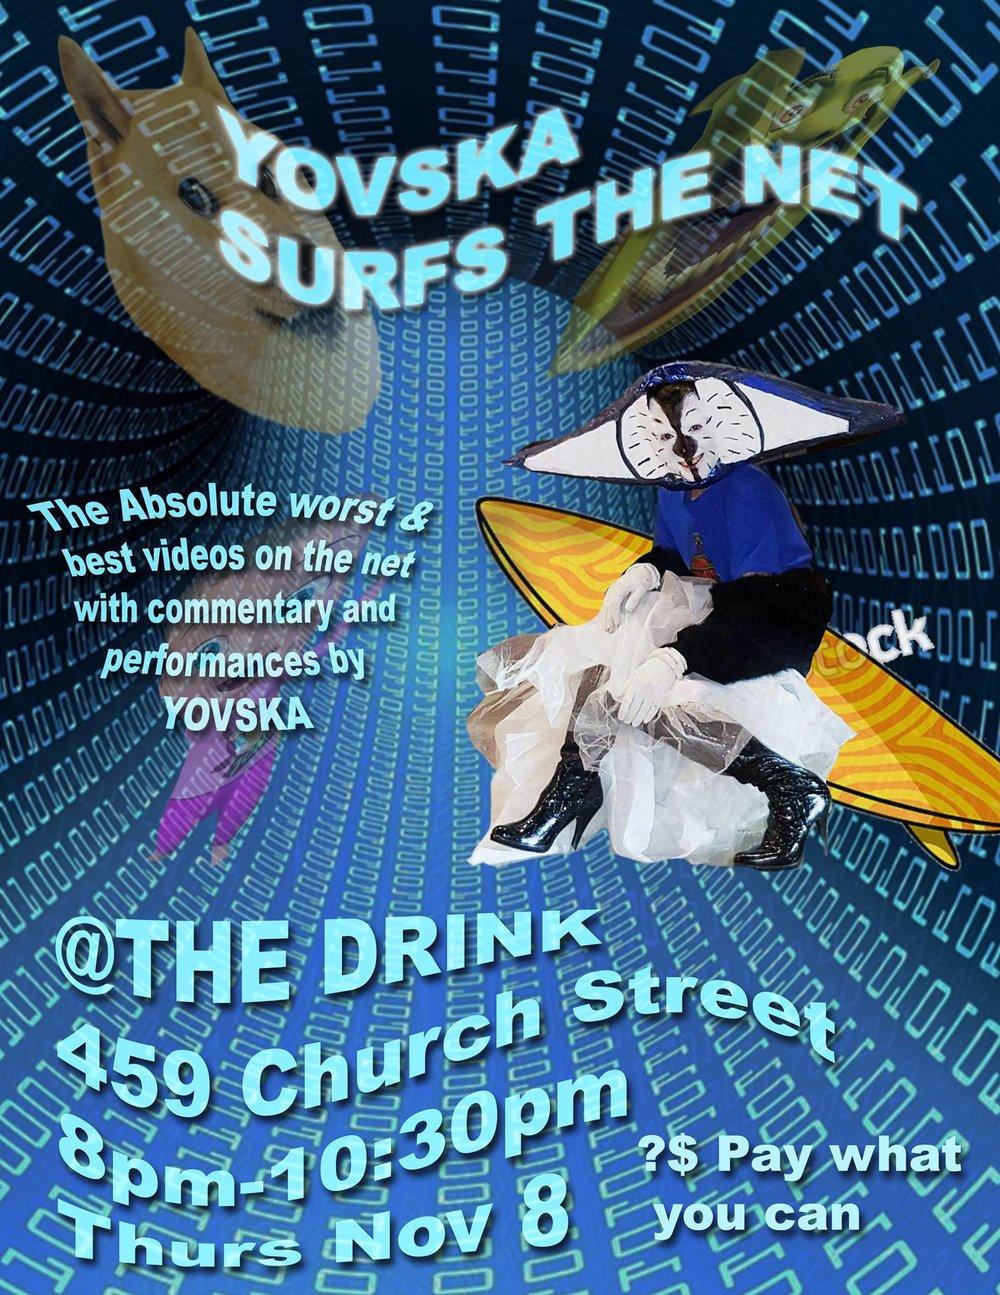 yovska-surfs-the-net